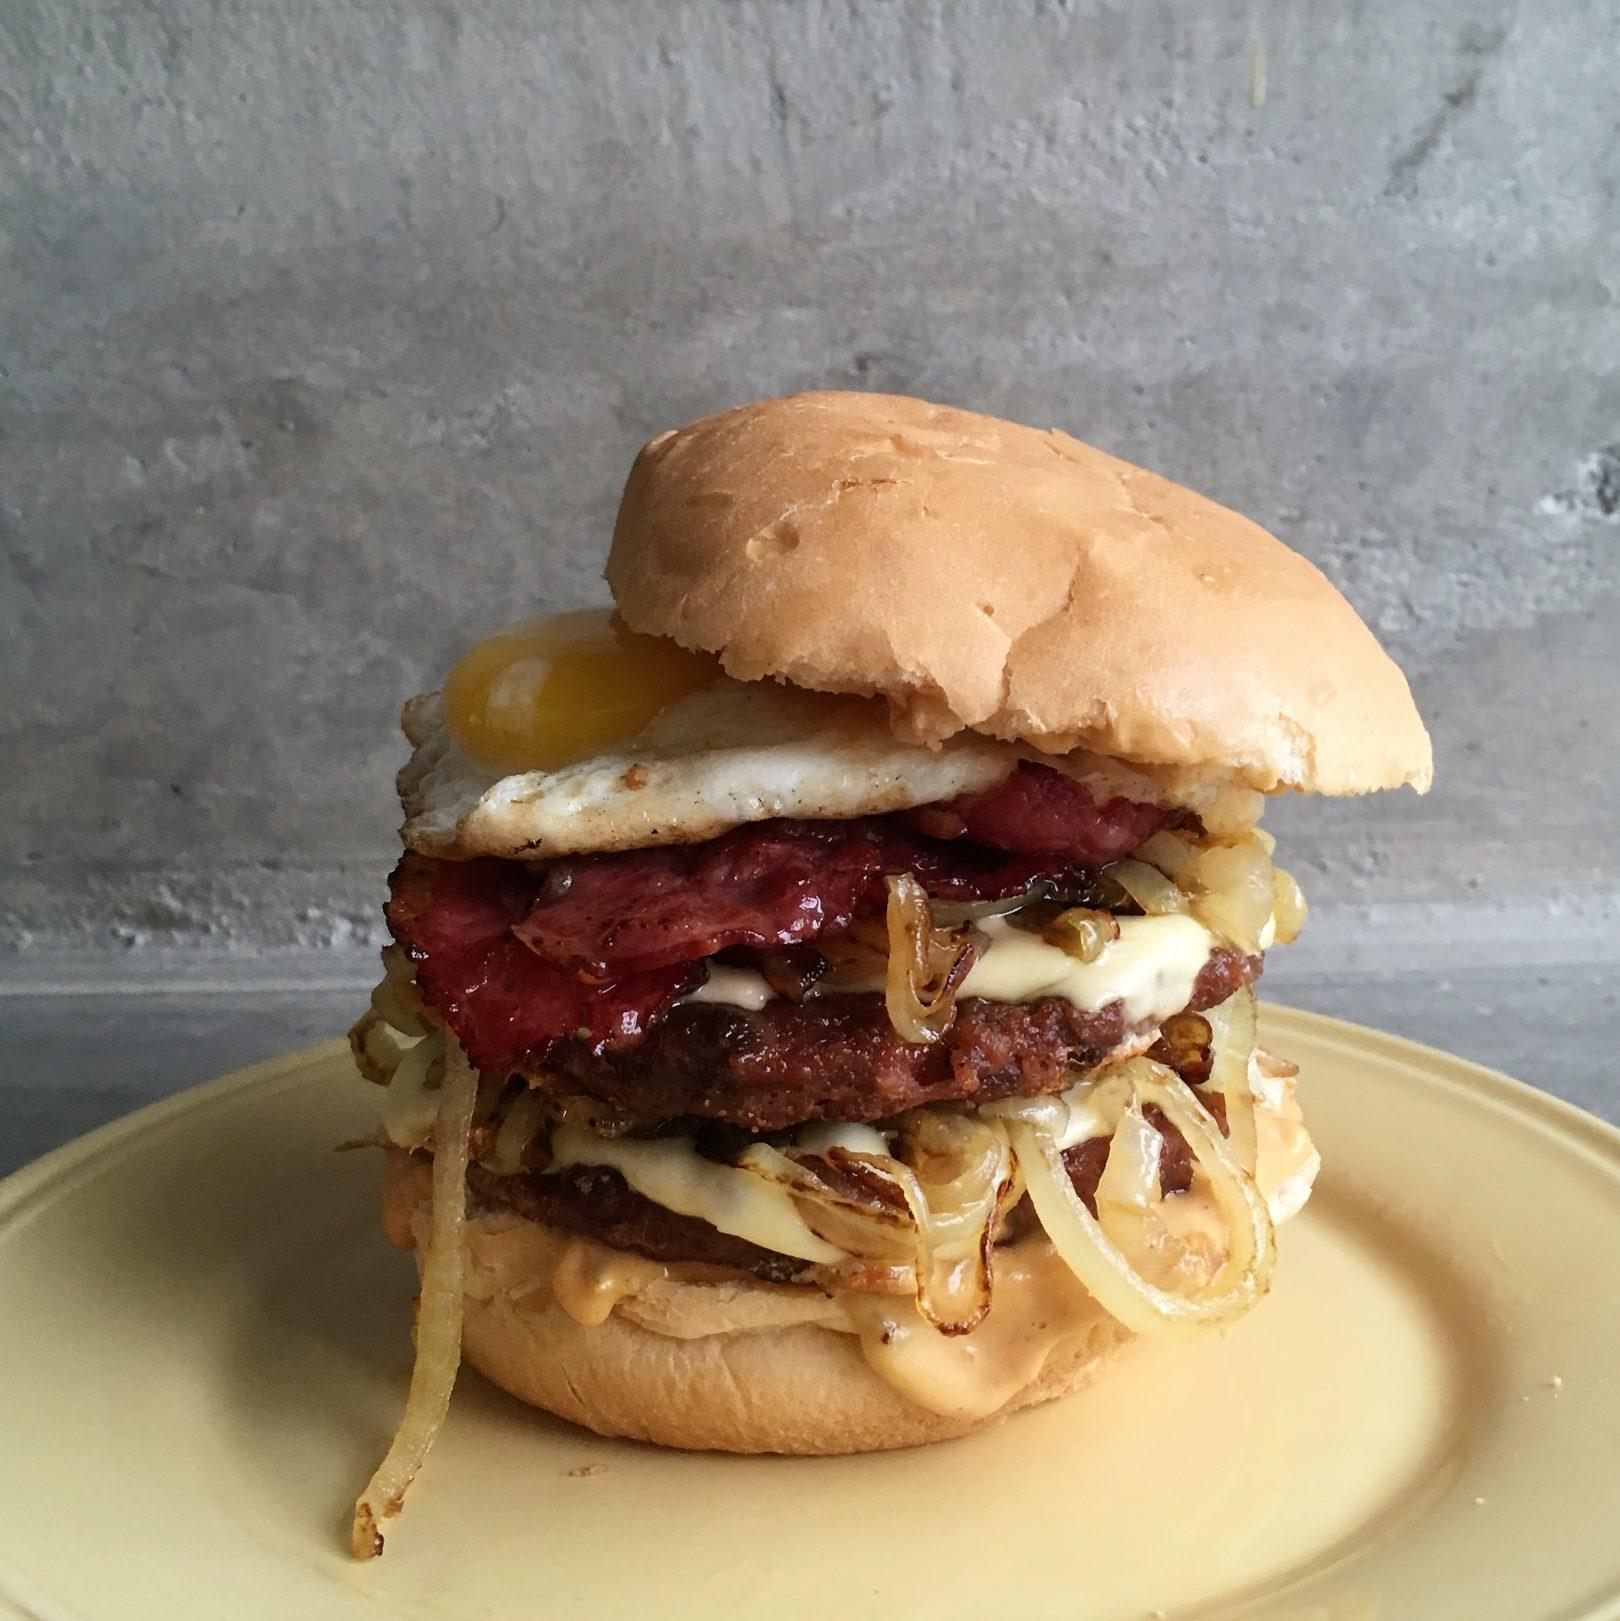 The Manwich